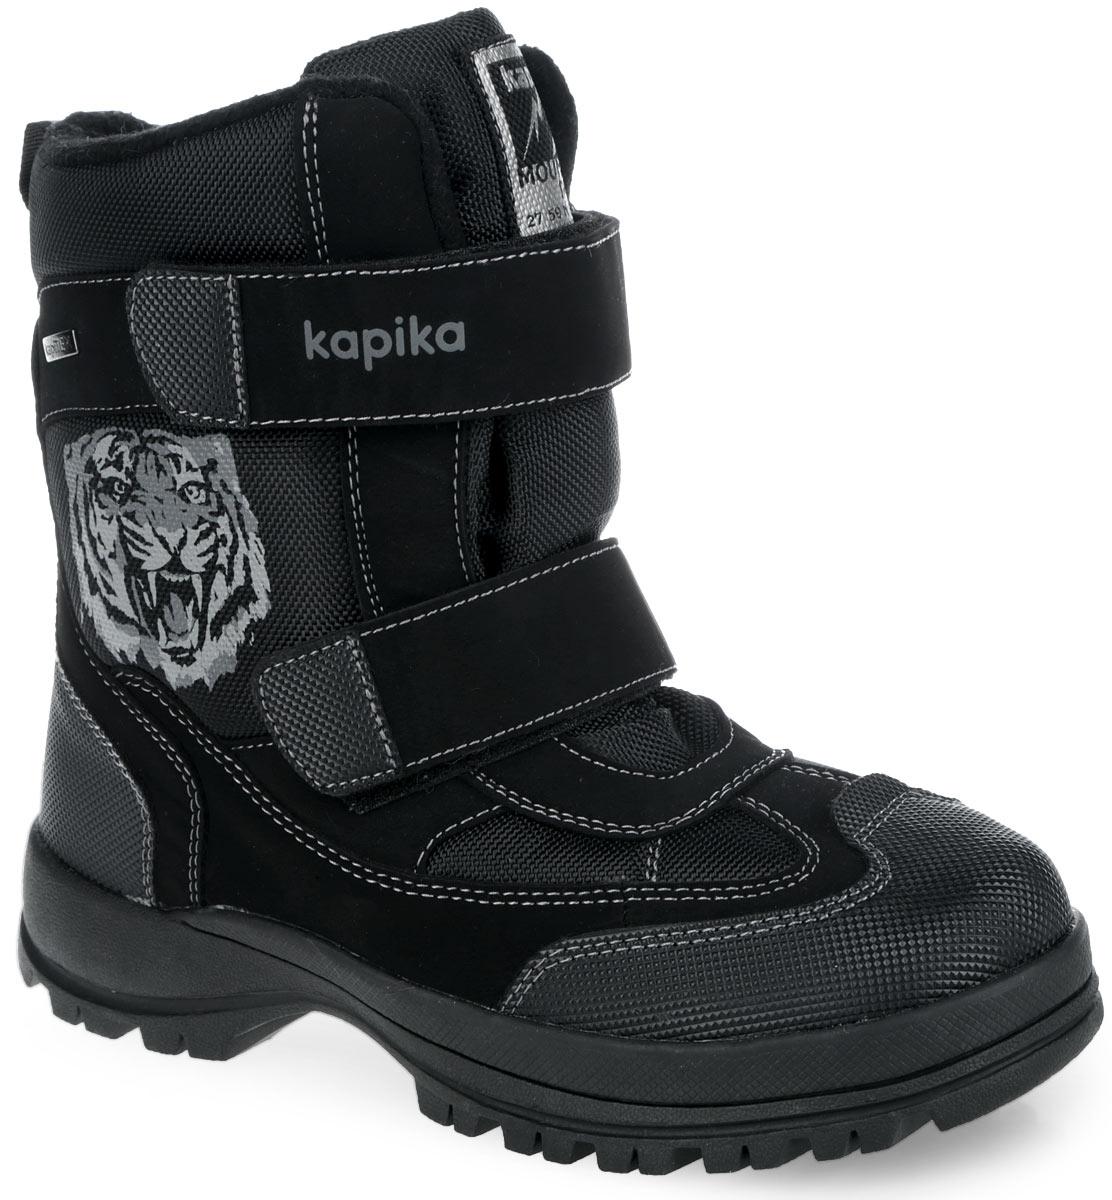 Полусапоги для мальчика. 4409444094Детские полусапоги для мальчика Kapika выполнены из комбинации искусственной кожи и текстиля. Обувь внутри исполнена из искусственного меха - 65% и шерсти - 35% с верхней отделкой из флиса. Два ре мешка на застежках-липучках, пропущенные через шлевки на подъеме, надежно фиксируют изделие. Съемная стелька, также изготовленная из искусственного меха - 65% и шерсти - 35%, защитит ноги от холода и обеспечит комфорт. Язычок оформлен нашивкой с логотипом бренда. Усиленный задник и мыс защитят детскую стопу от ударов при движении. Сбоку модель украшена декоративным металлическим элементом и принтом в виде тигра. Задник дополнен ярлычком для более удобного надевания обуви. Внутренняя мембрана позволяет сохранить комфортный микроклимат для ног ребенка и является лучшим выбором для осени и слякотной зимы. Подошва с протектором гарантирует идеальное сцепление с любой поверхностью. Стильные полусапоги займут достойное место в гардеробе вашего ребенка.